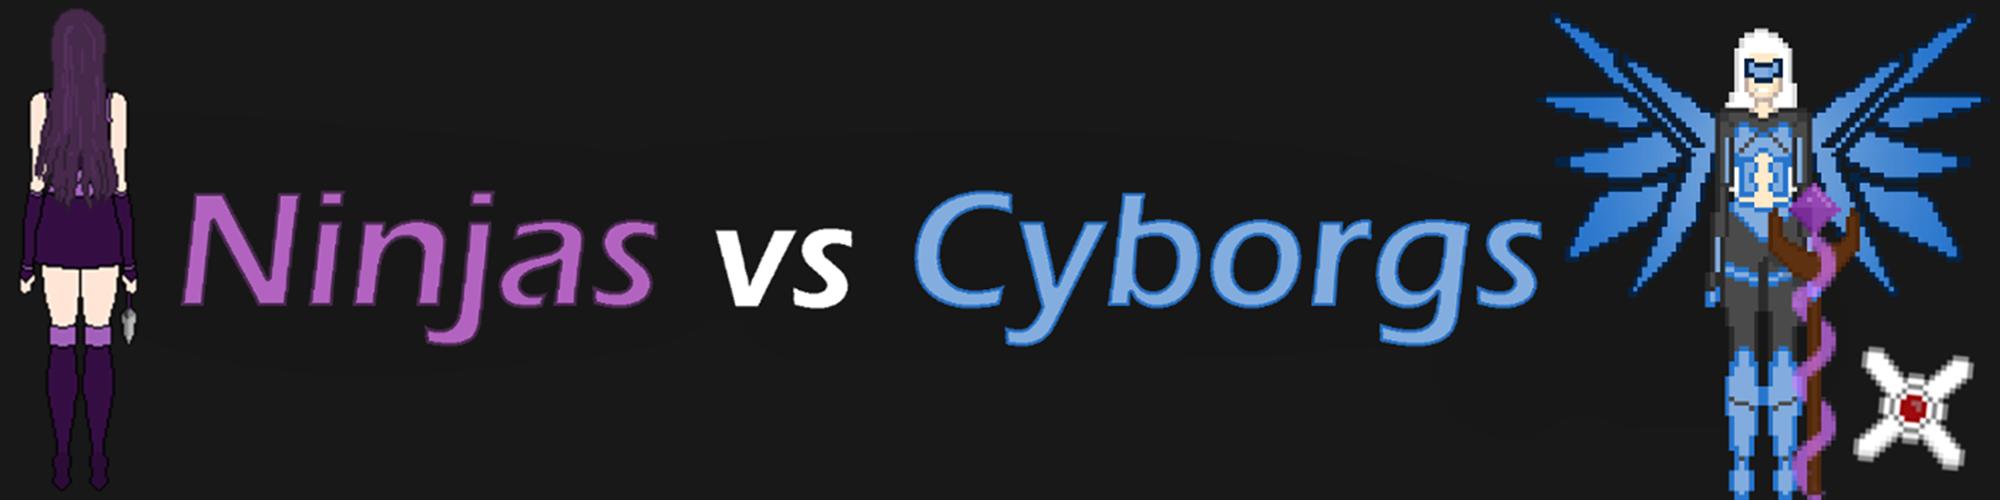 Ninjas vs Cyborgs